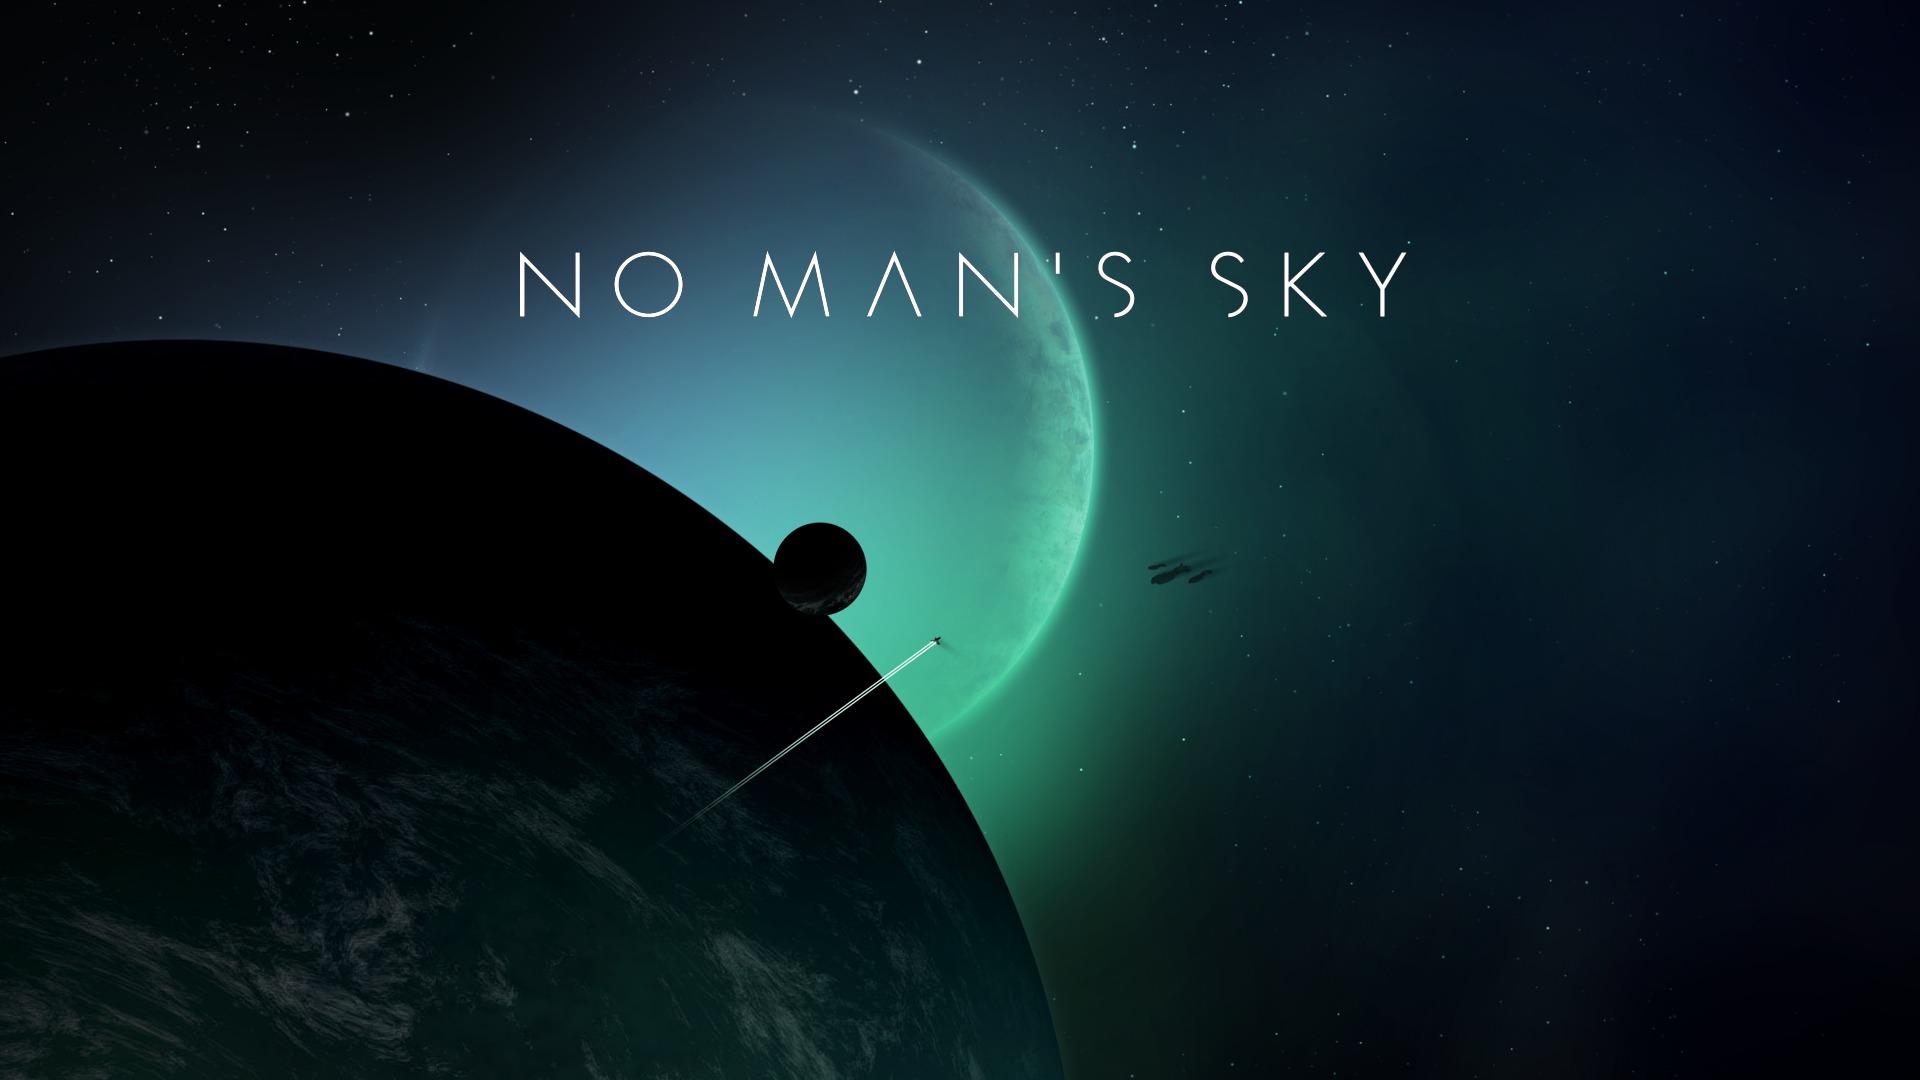 no-man-s-sky-hello-games-402